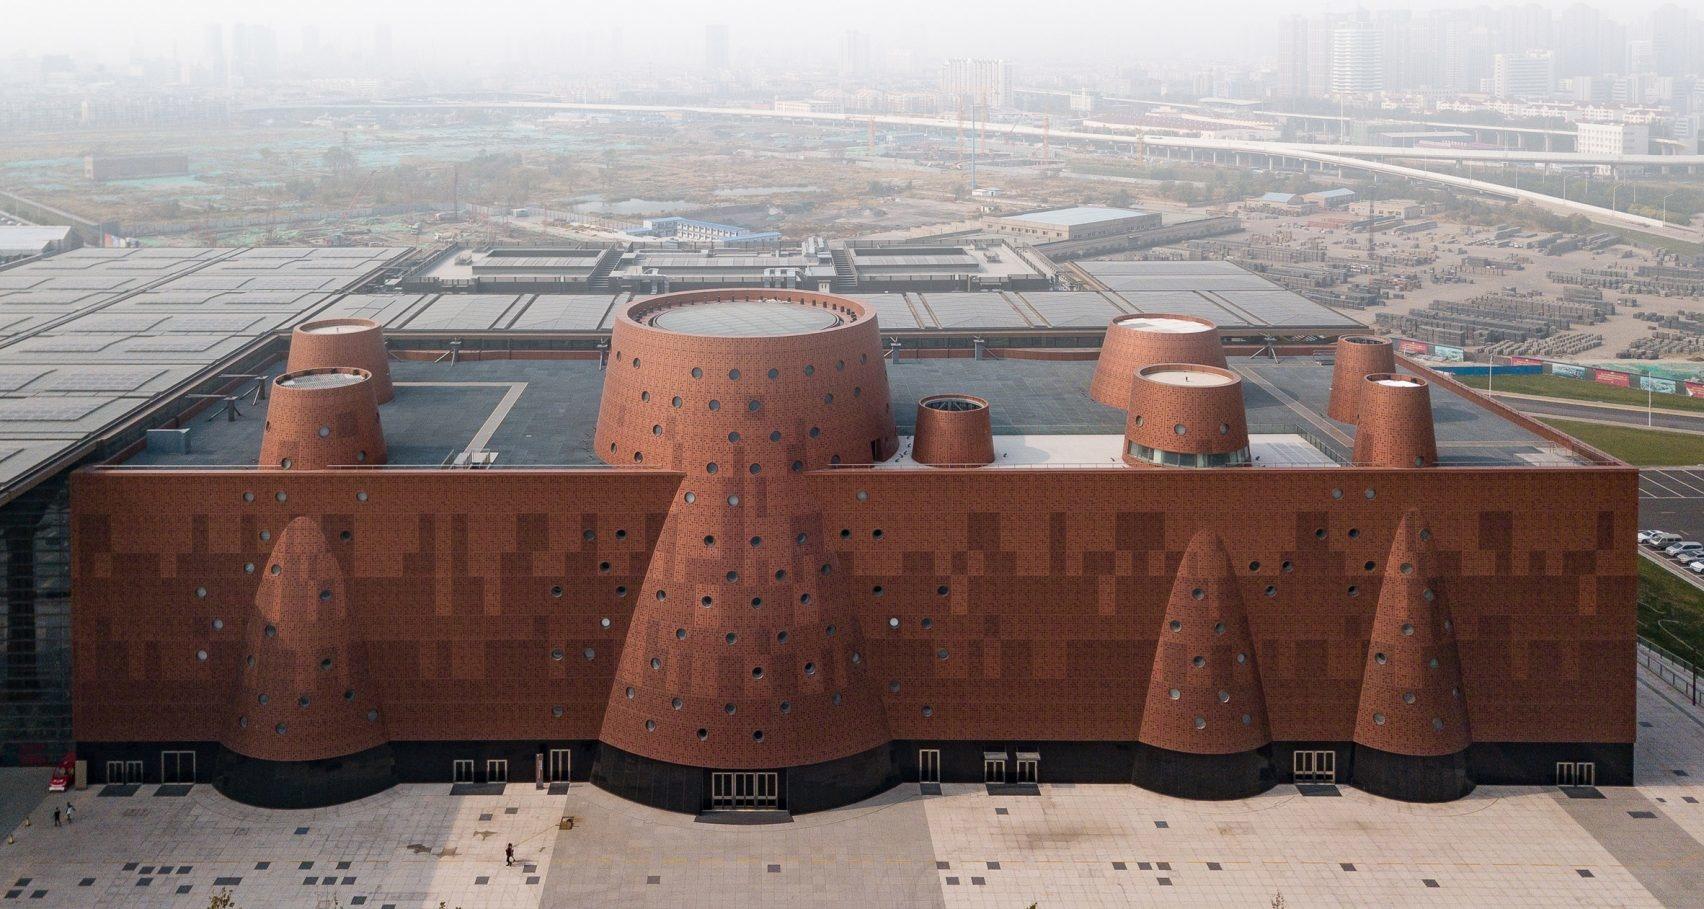 И медные трубы: новый музей по проекту Бернара Чуми в Китае (галерея 6, фото 4)